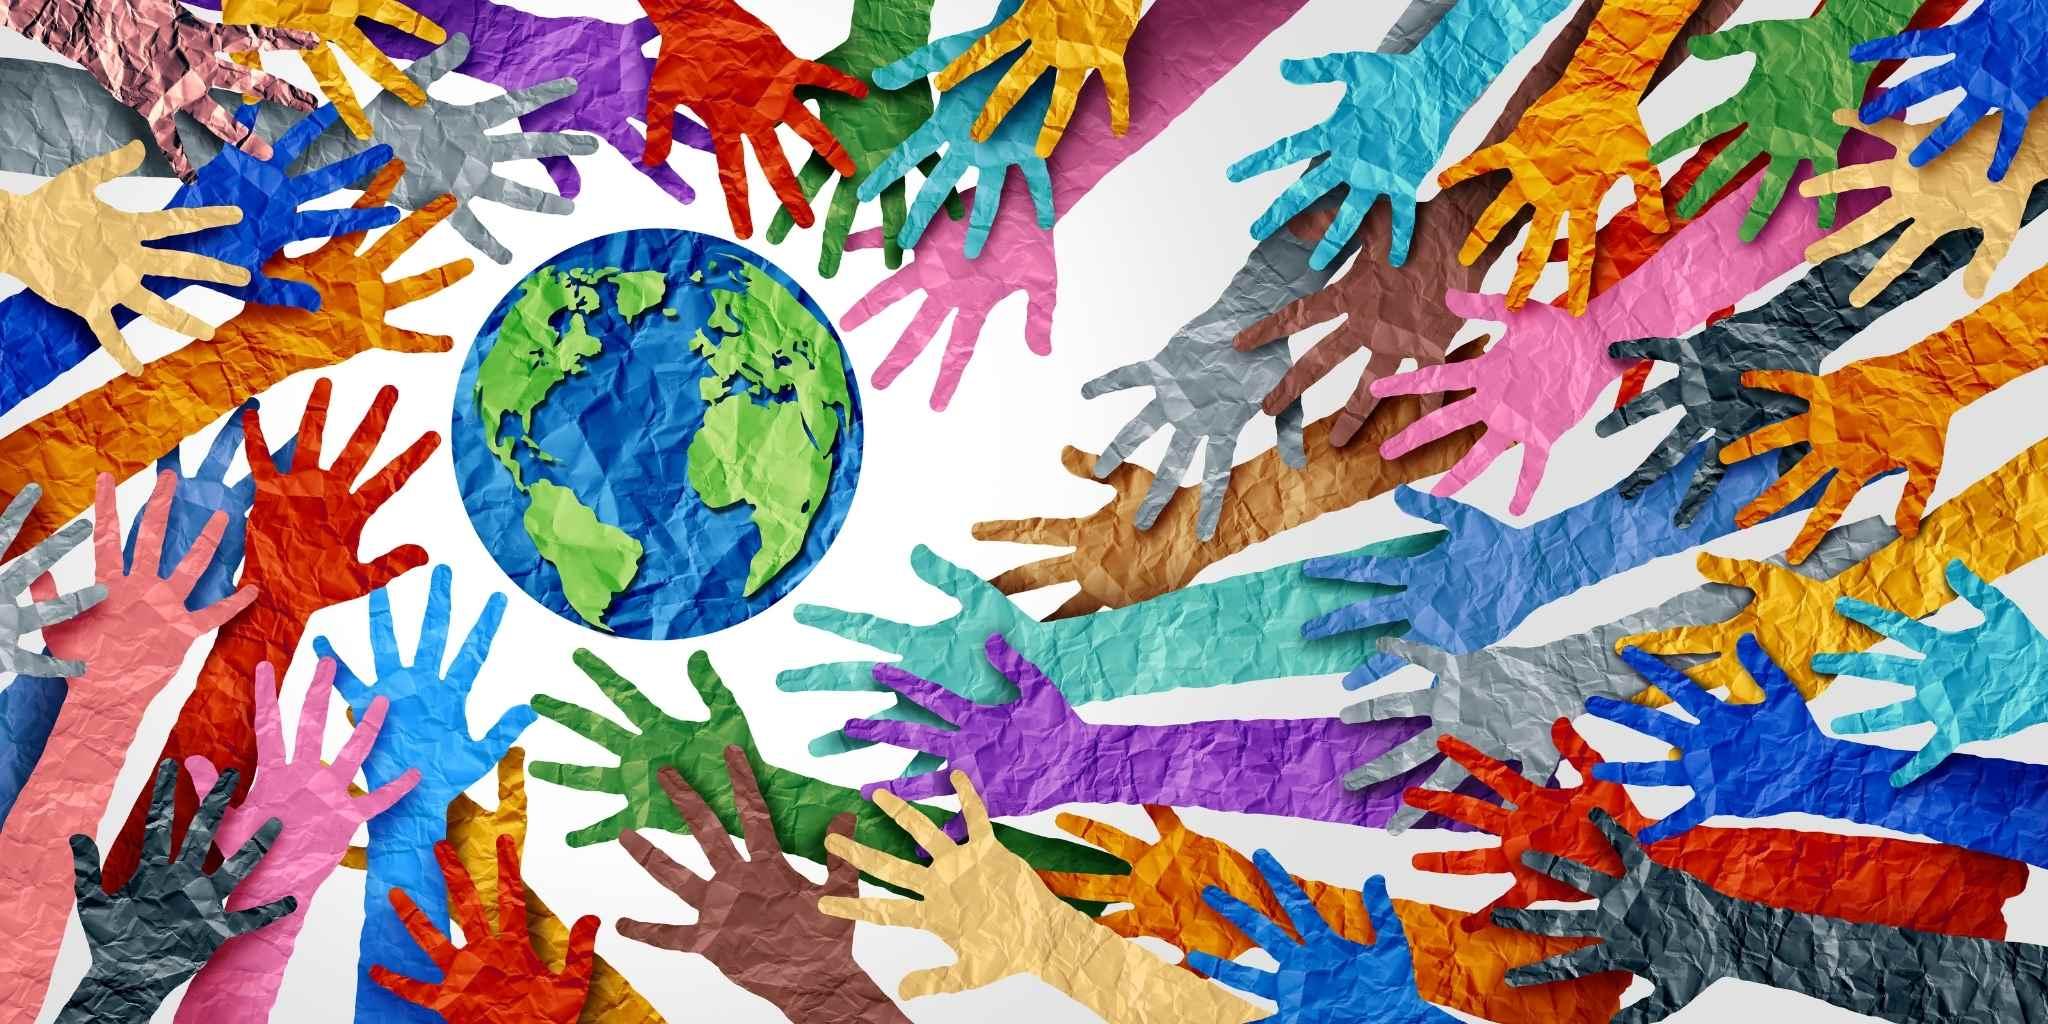 Enseñar a los niños sobre la cultura y la diversidad